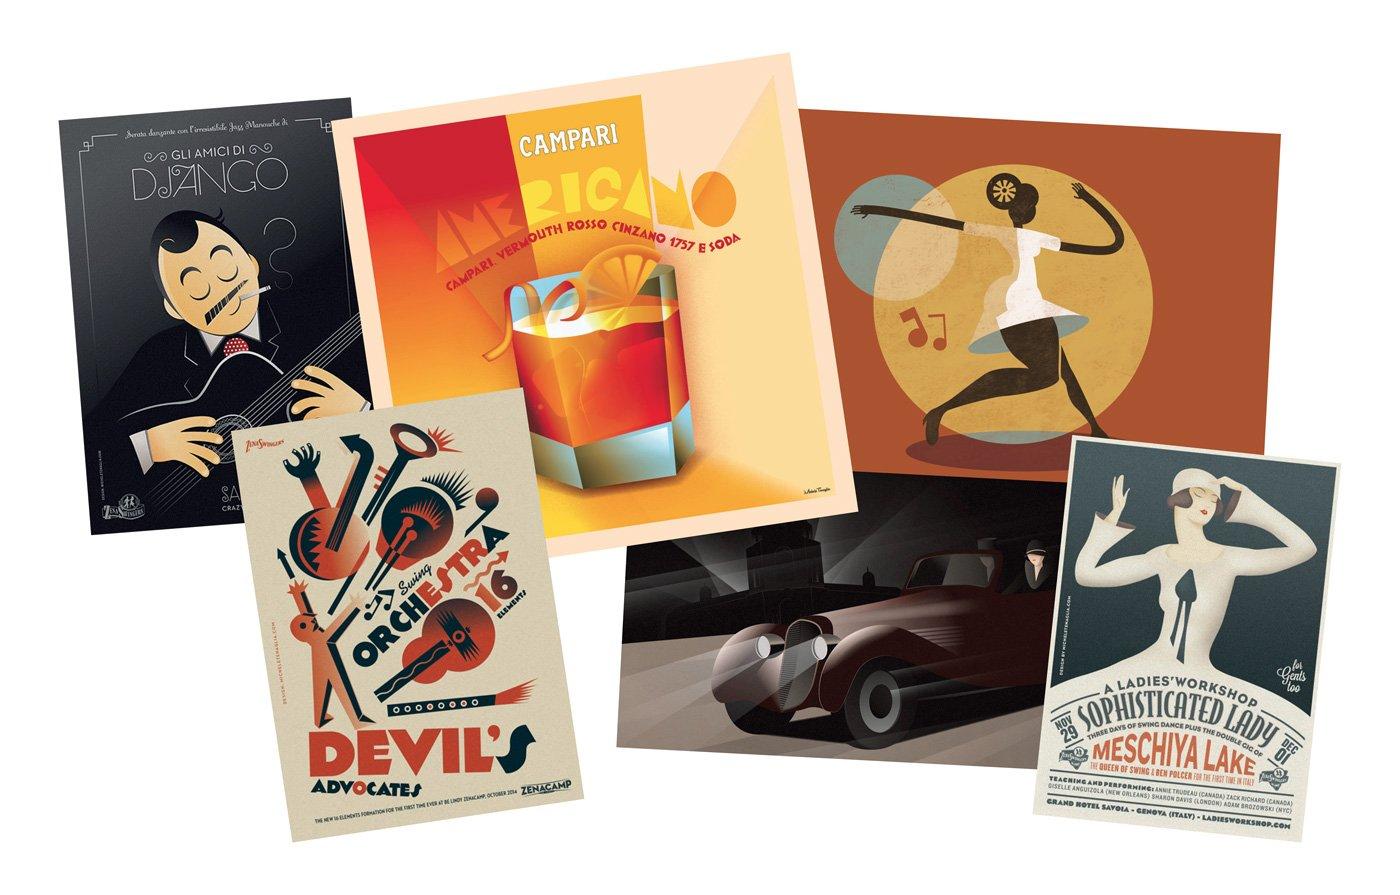 Michele tenaglia, grafico e illustratore